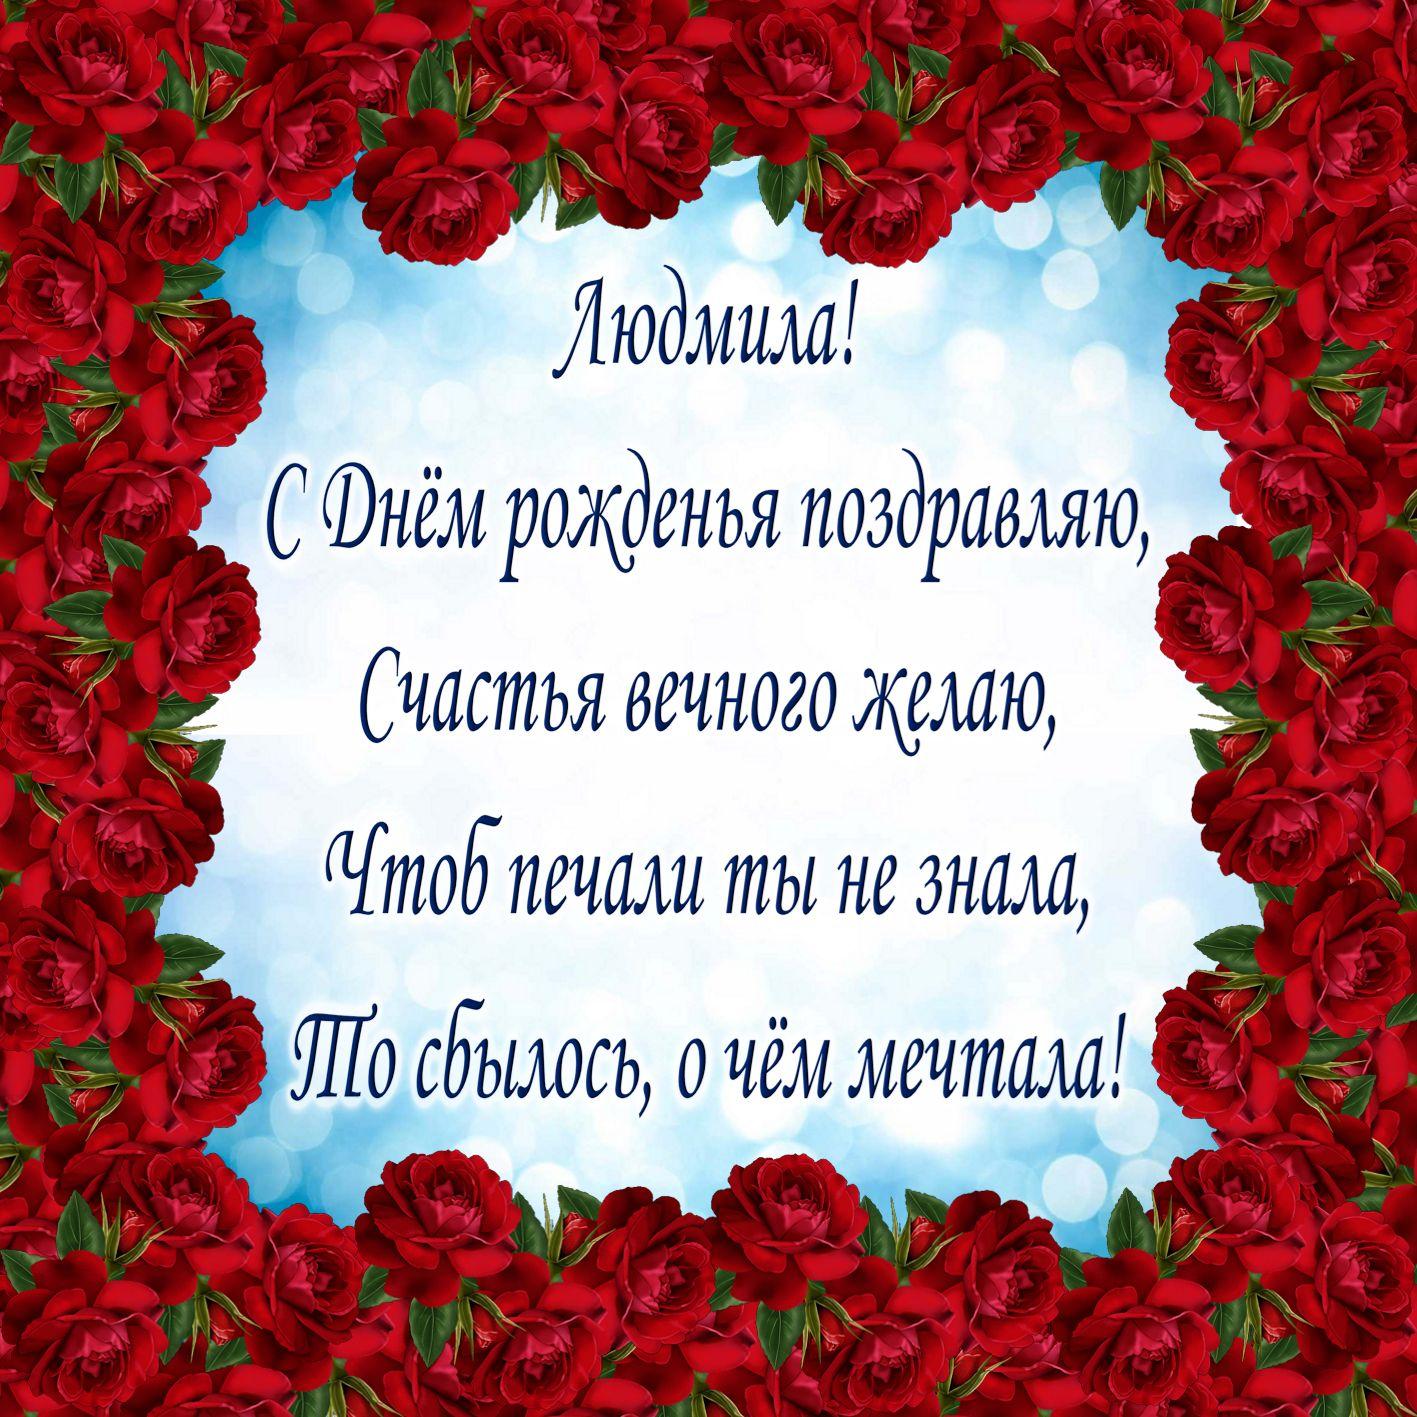 Открытка на День рождения Людмиле - поздравление в рамке из красных роз